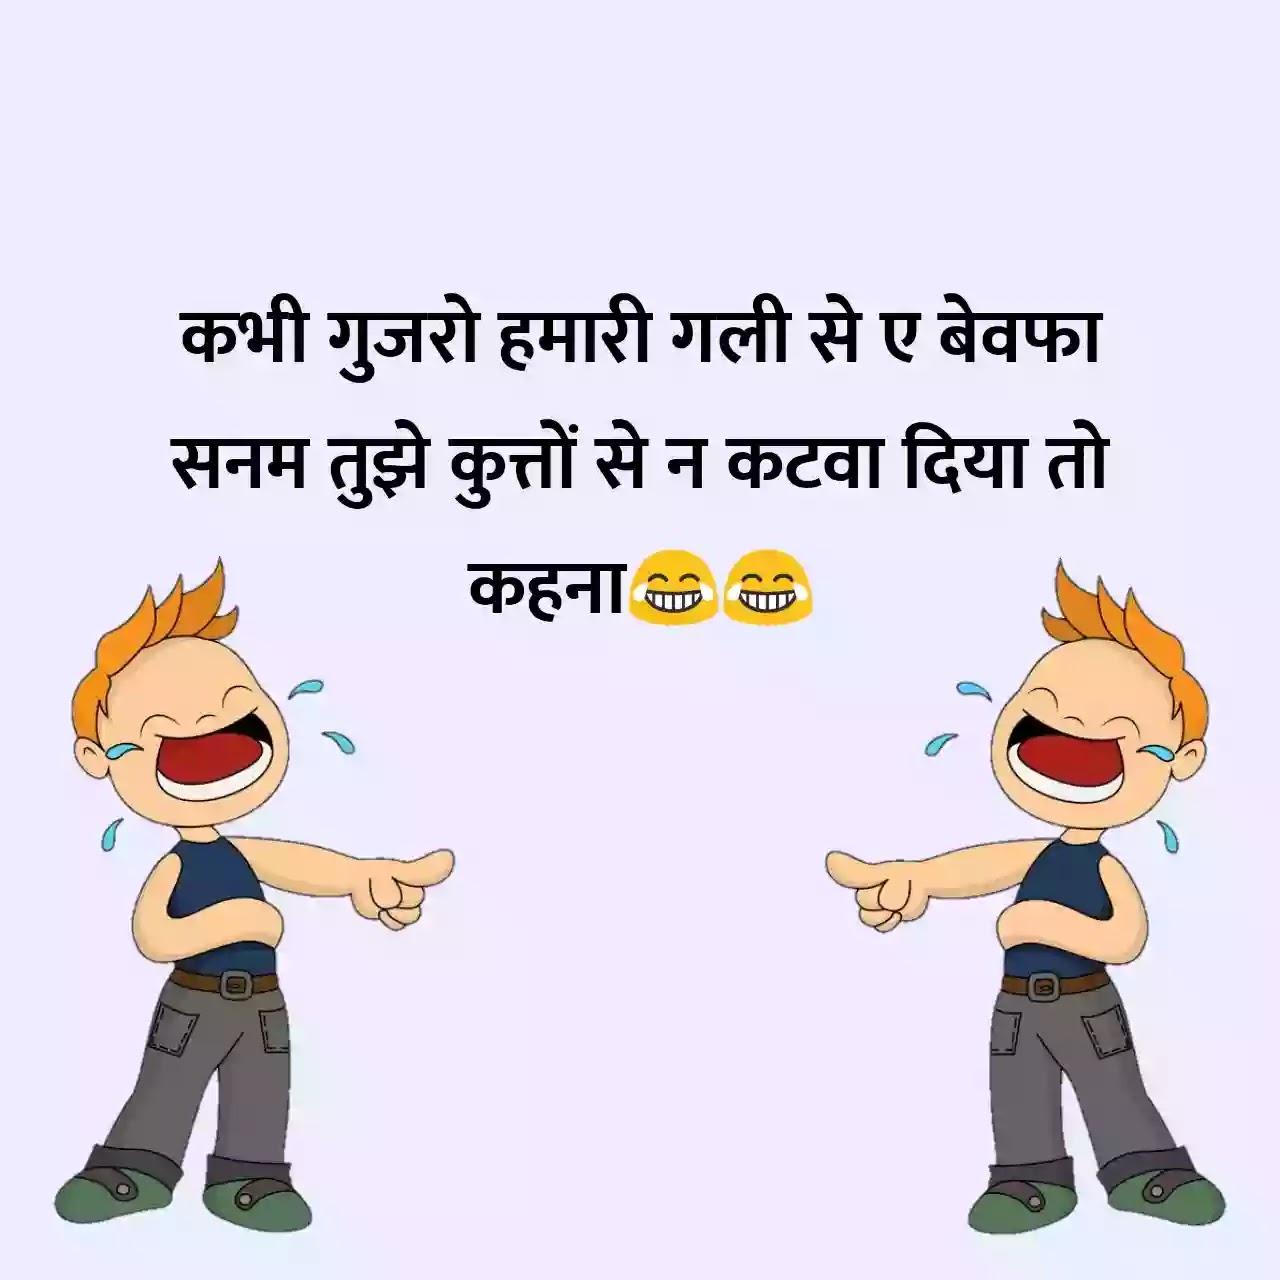 Funny shayari jokes Hindi